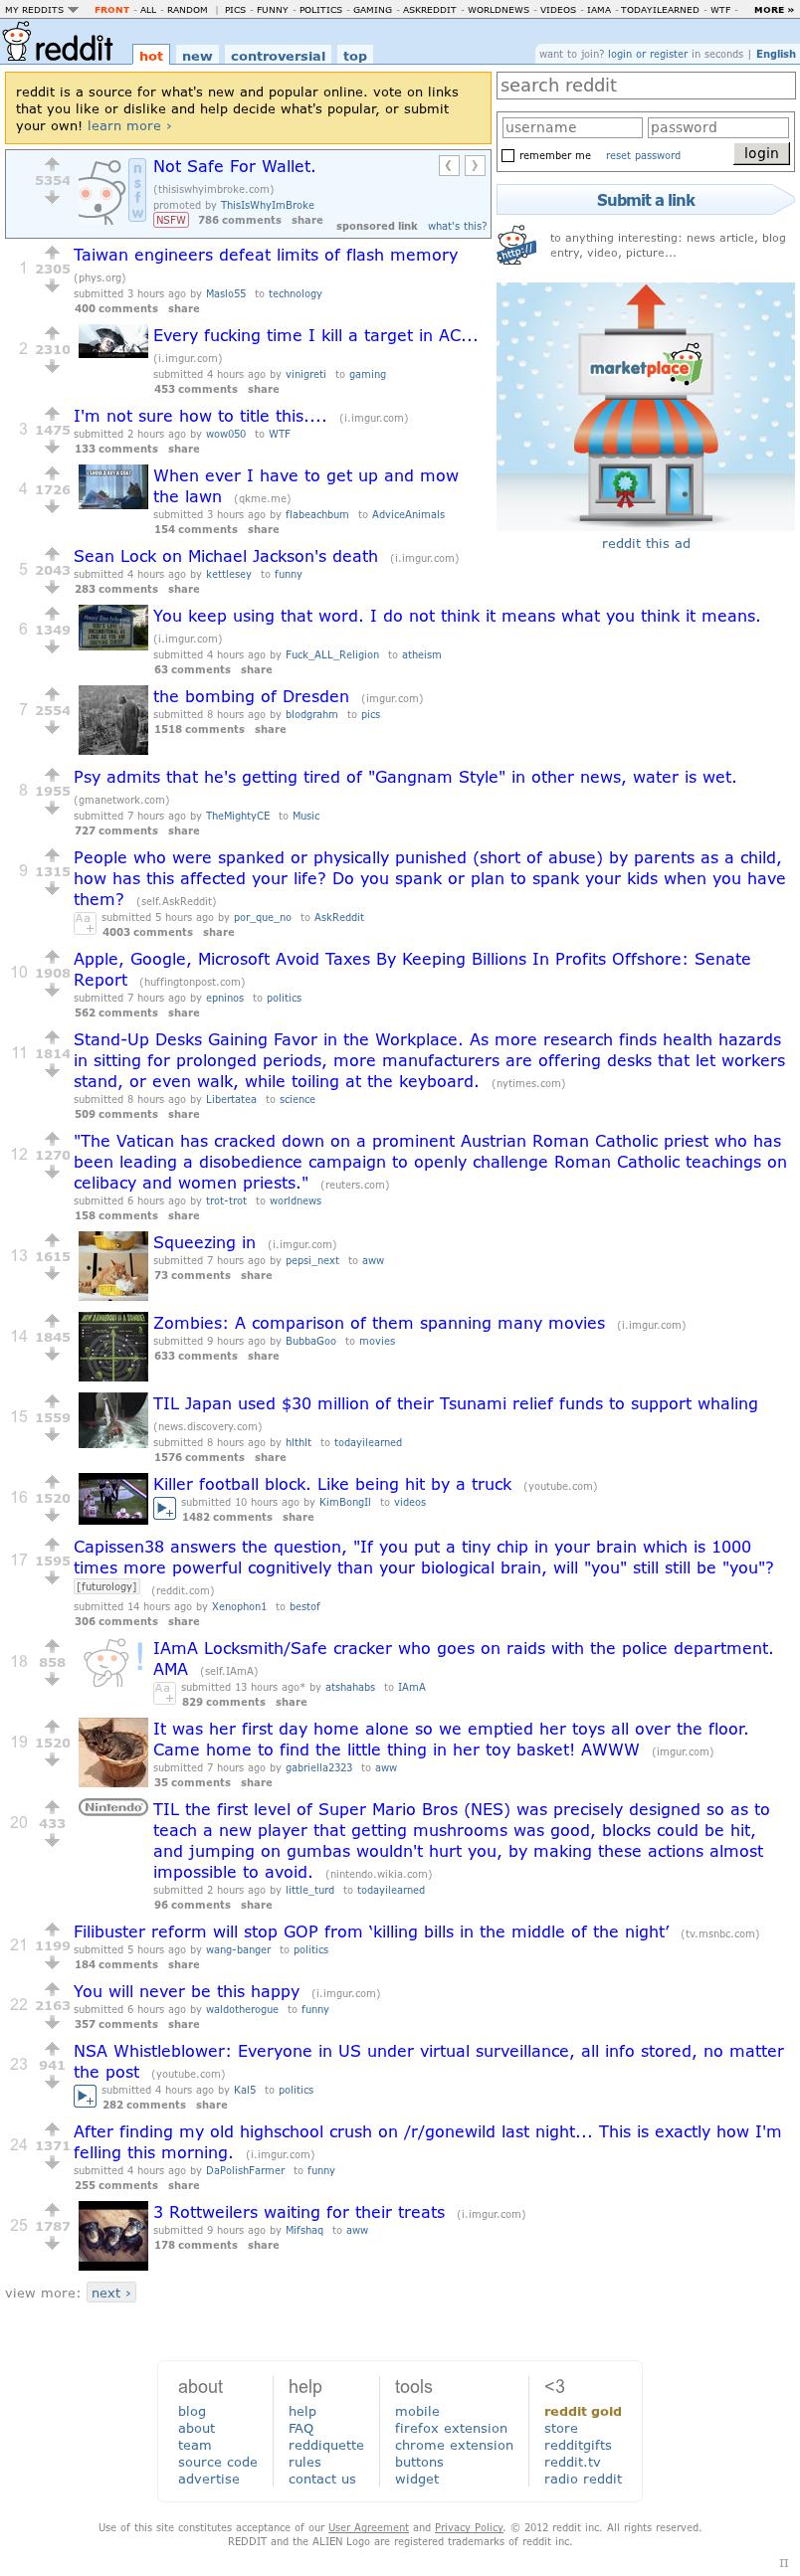 Reddit at Sunday Dec. 2, 2012, 6:38 p.m. UTC